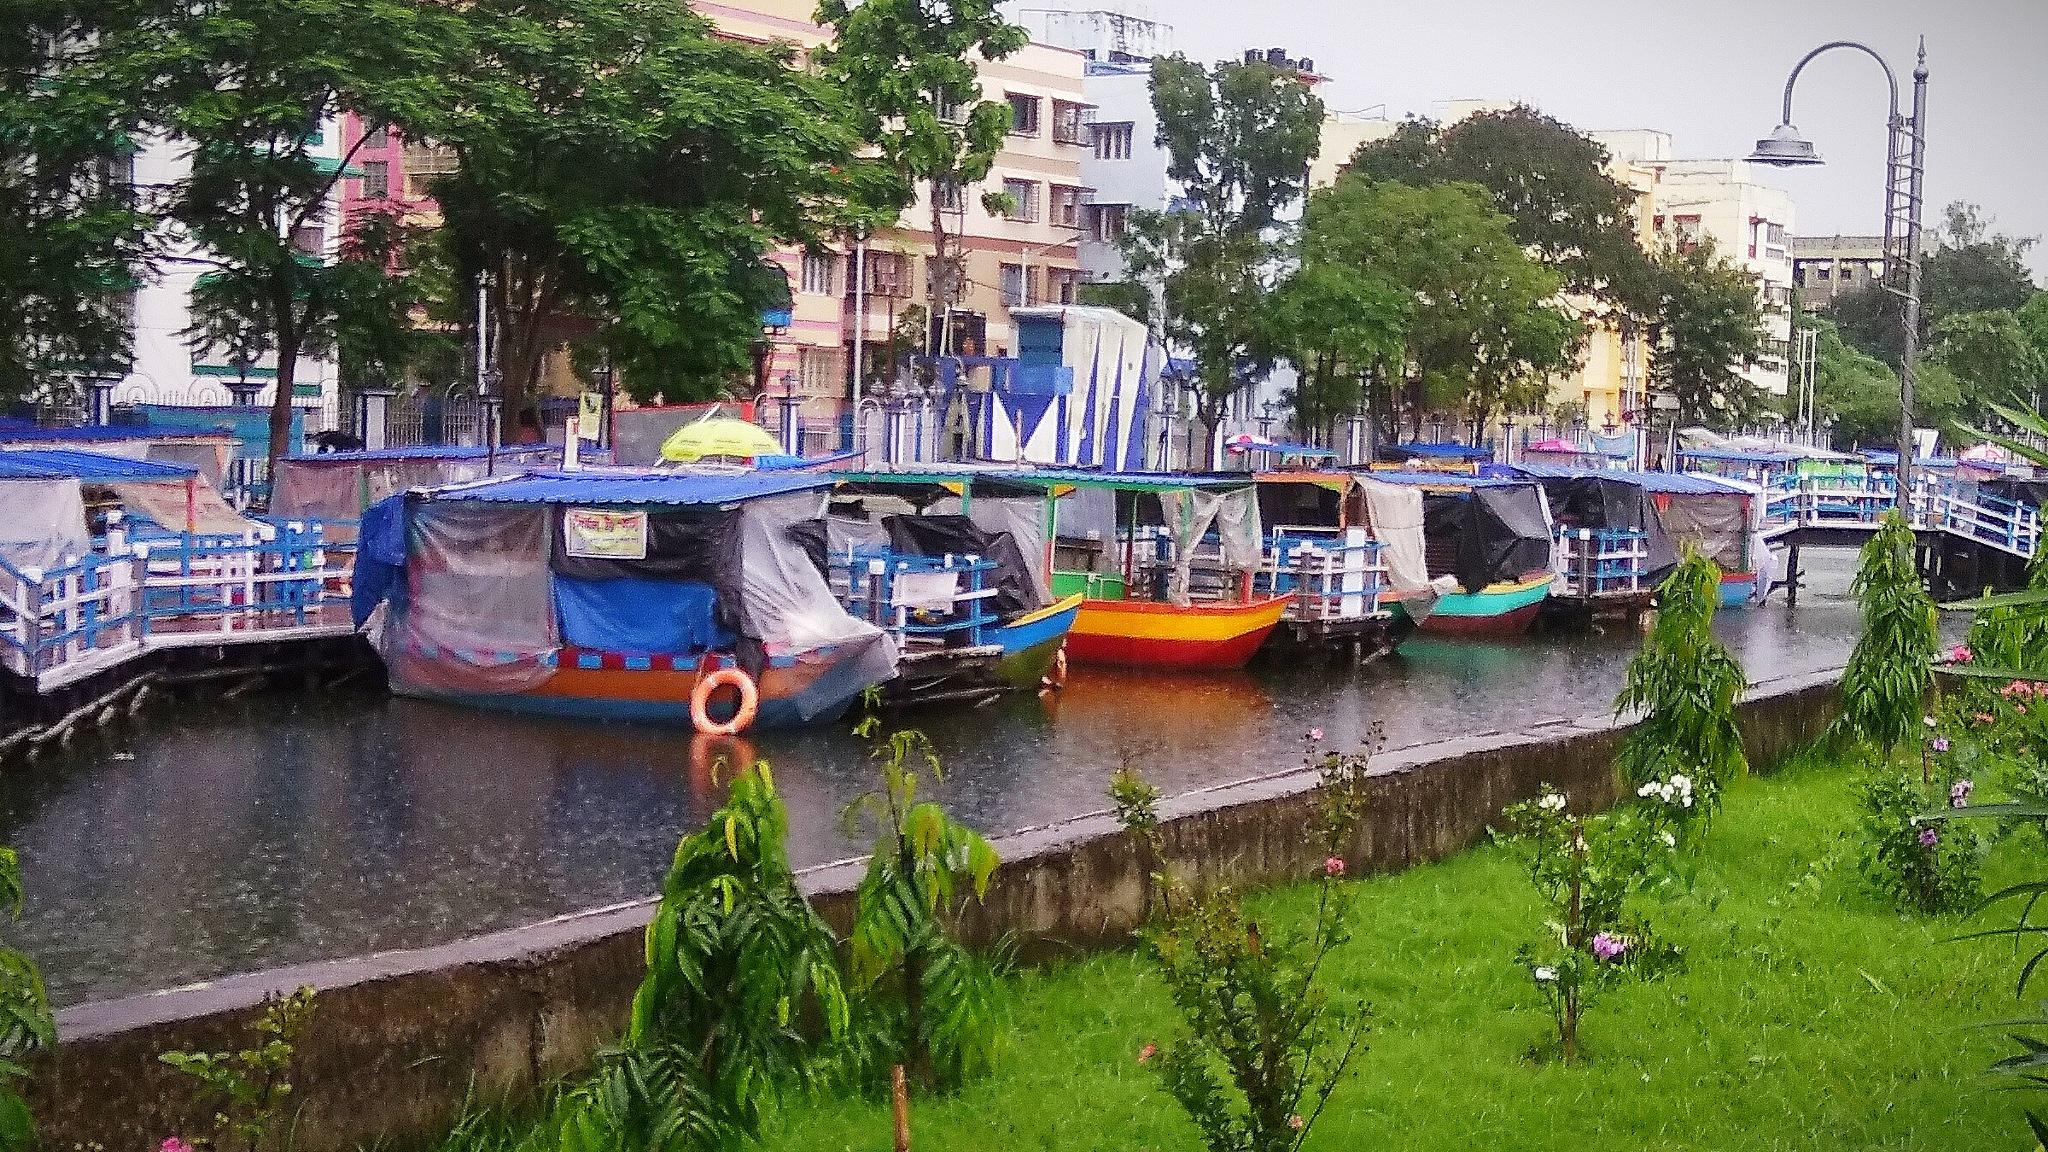 Floating Market by Dibyendu Chatterjii